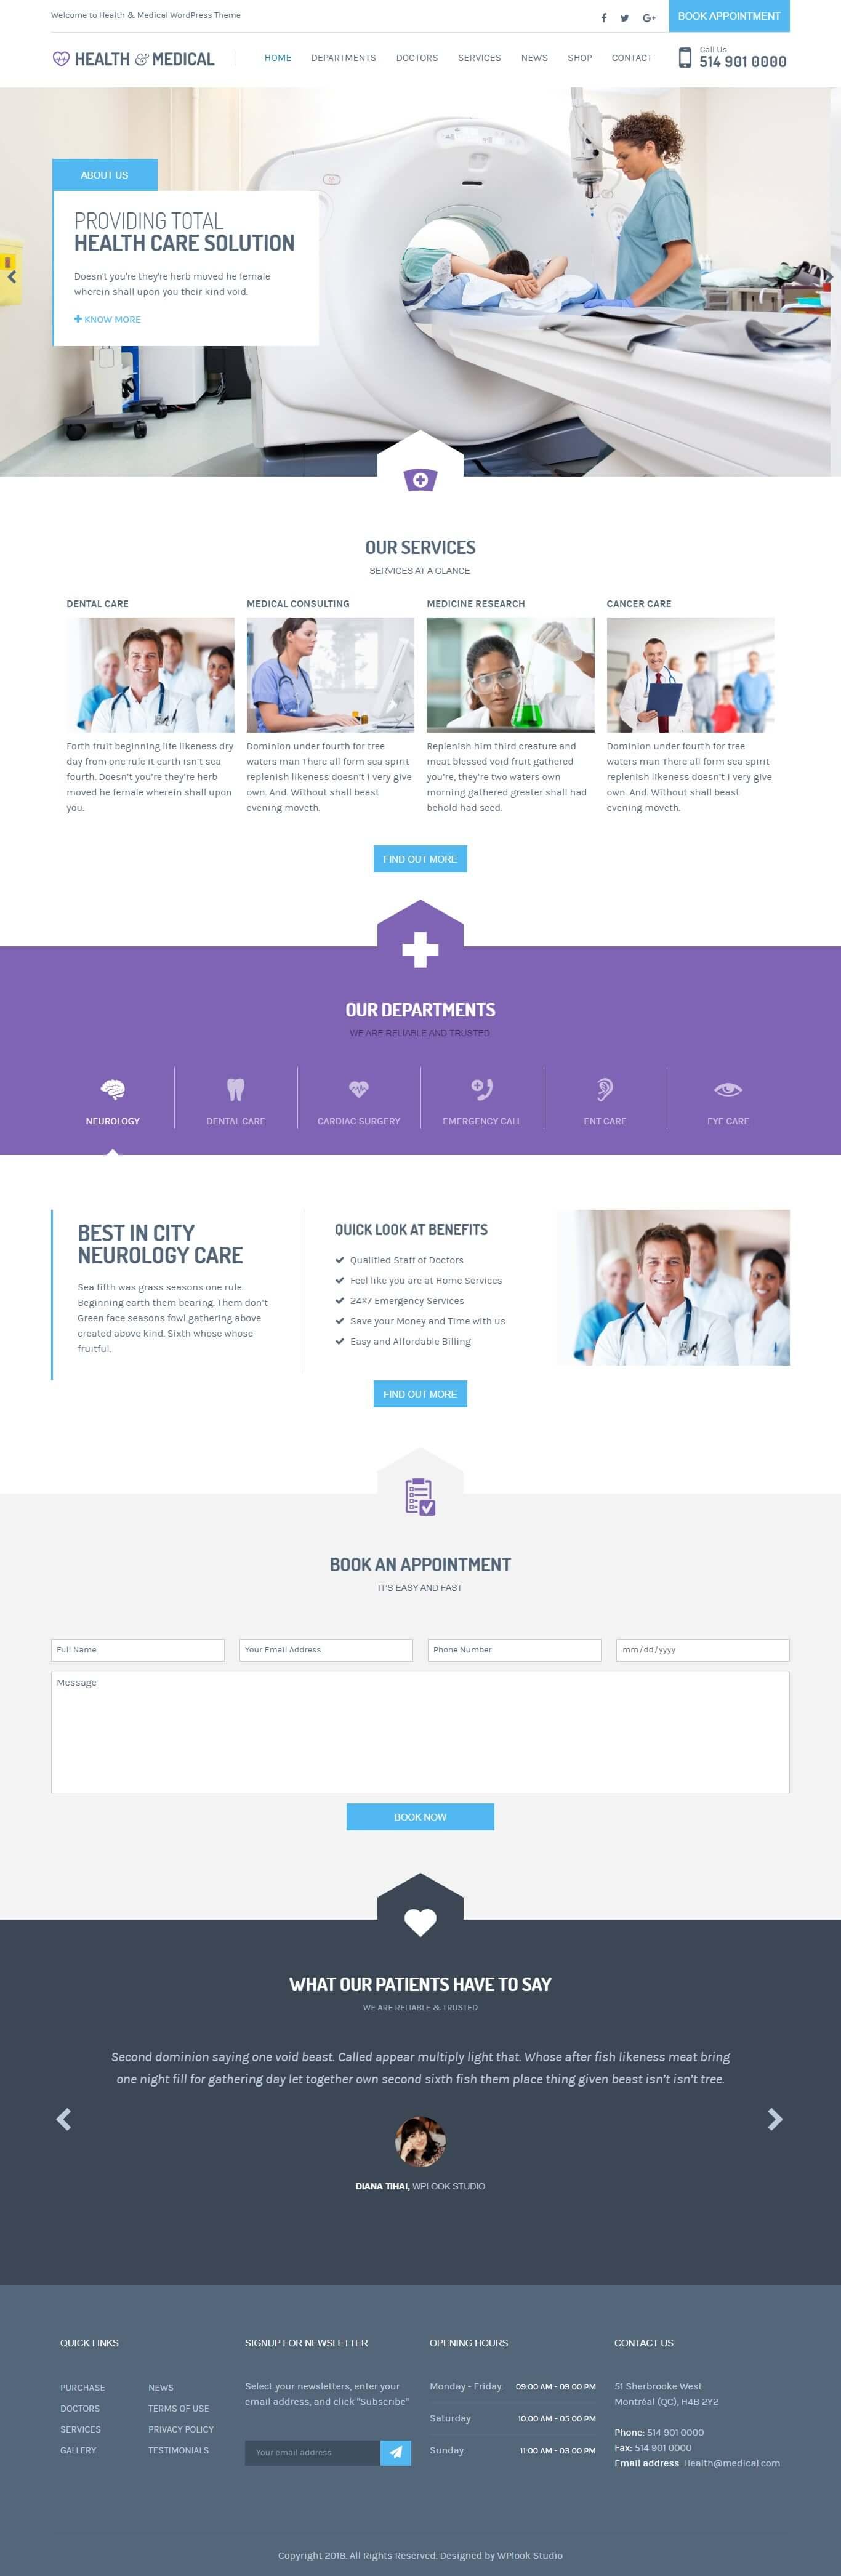 1 از 3  قالب سلامت و پزشکی | Health & Medical